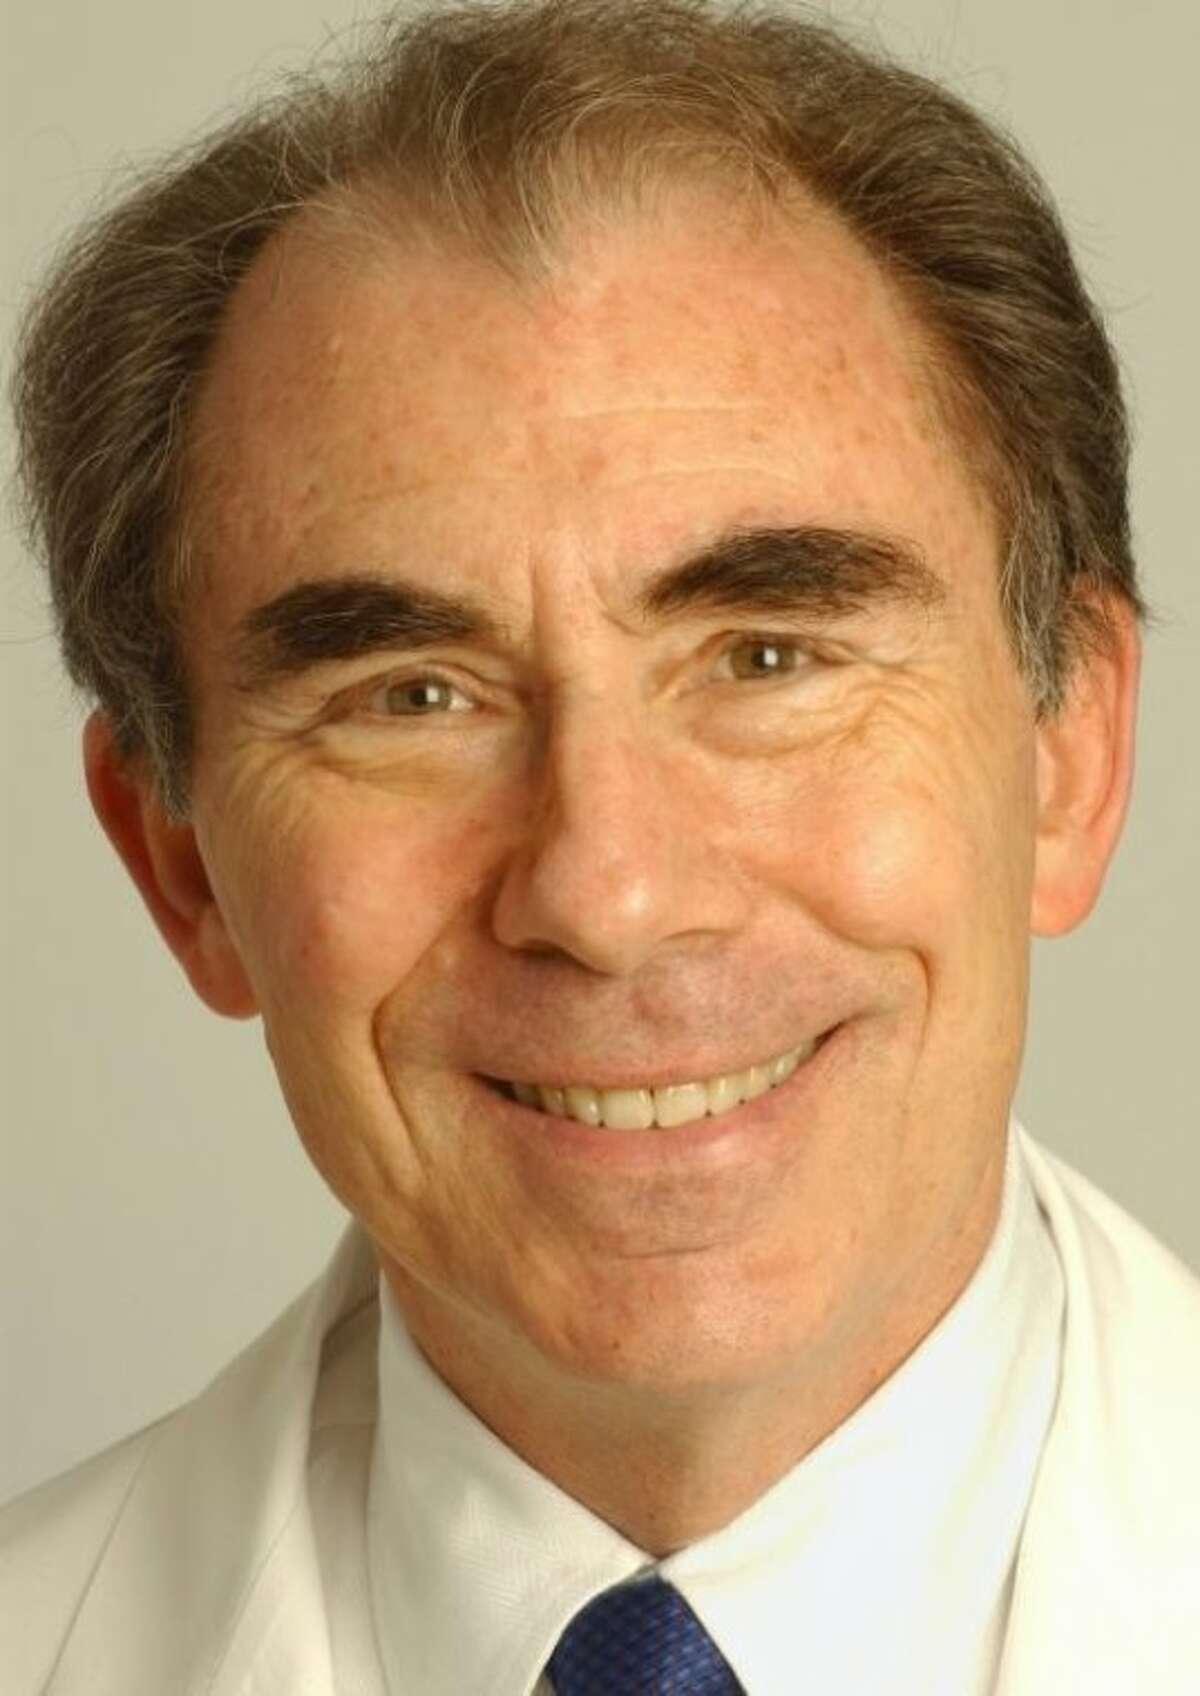 Dr. Anthony Komaroff / Ask Dr. K